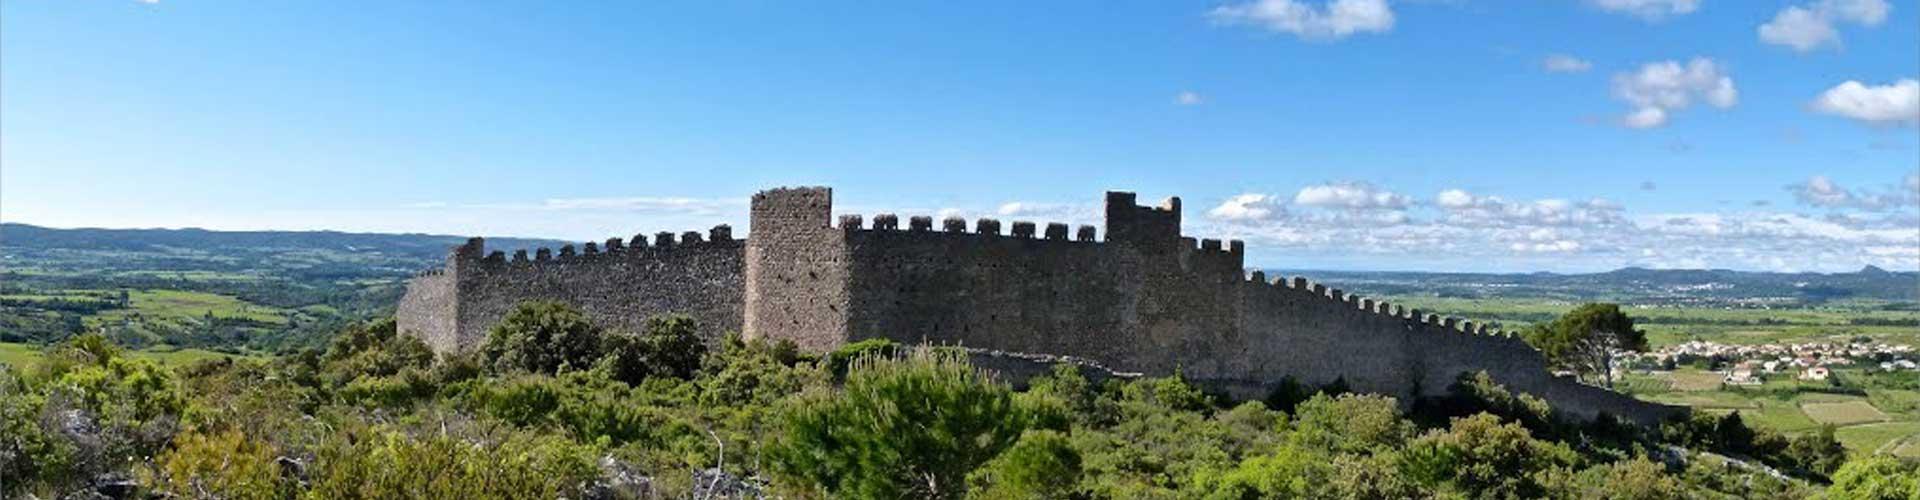 Tourisme et Sites, développement touristique à Gignac Hérault